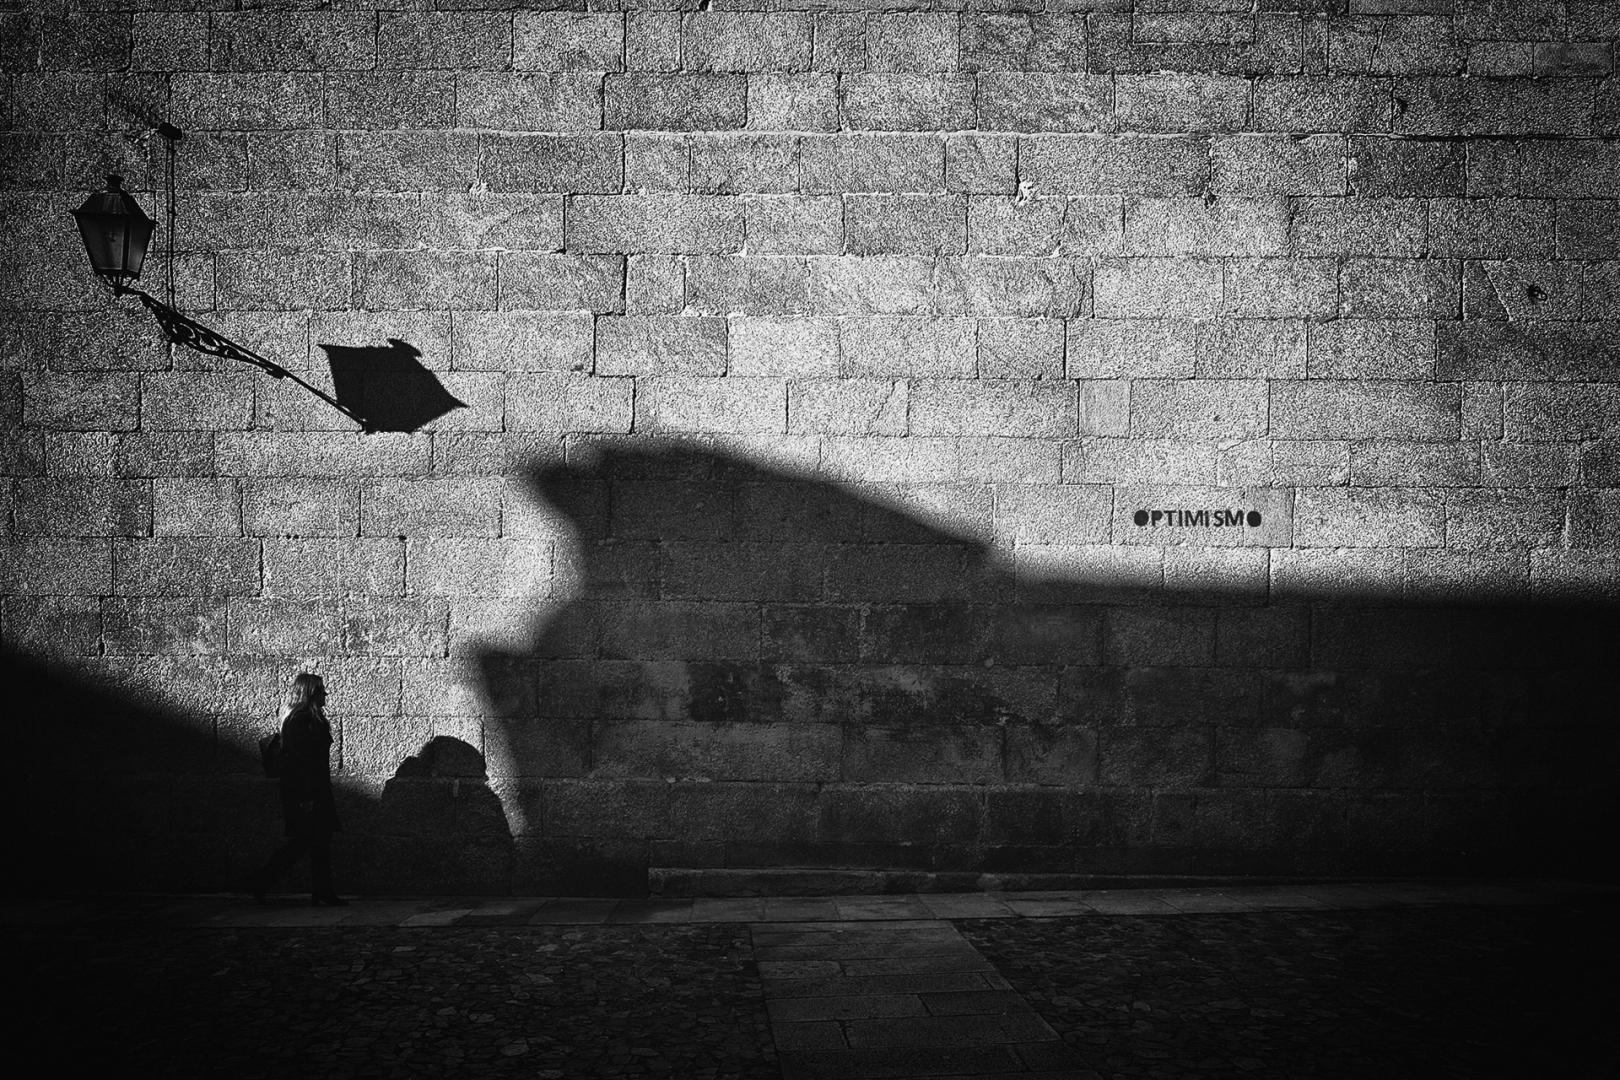 Fotografia de Rua/Where the streets have no name